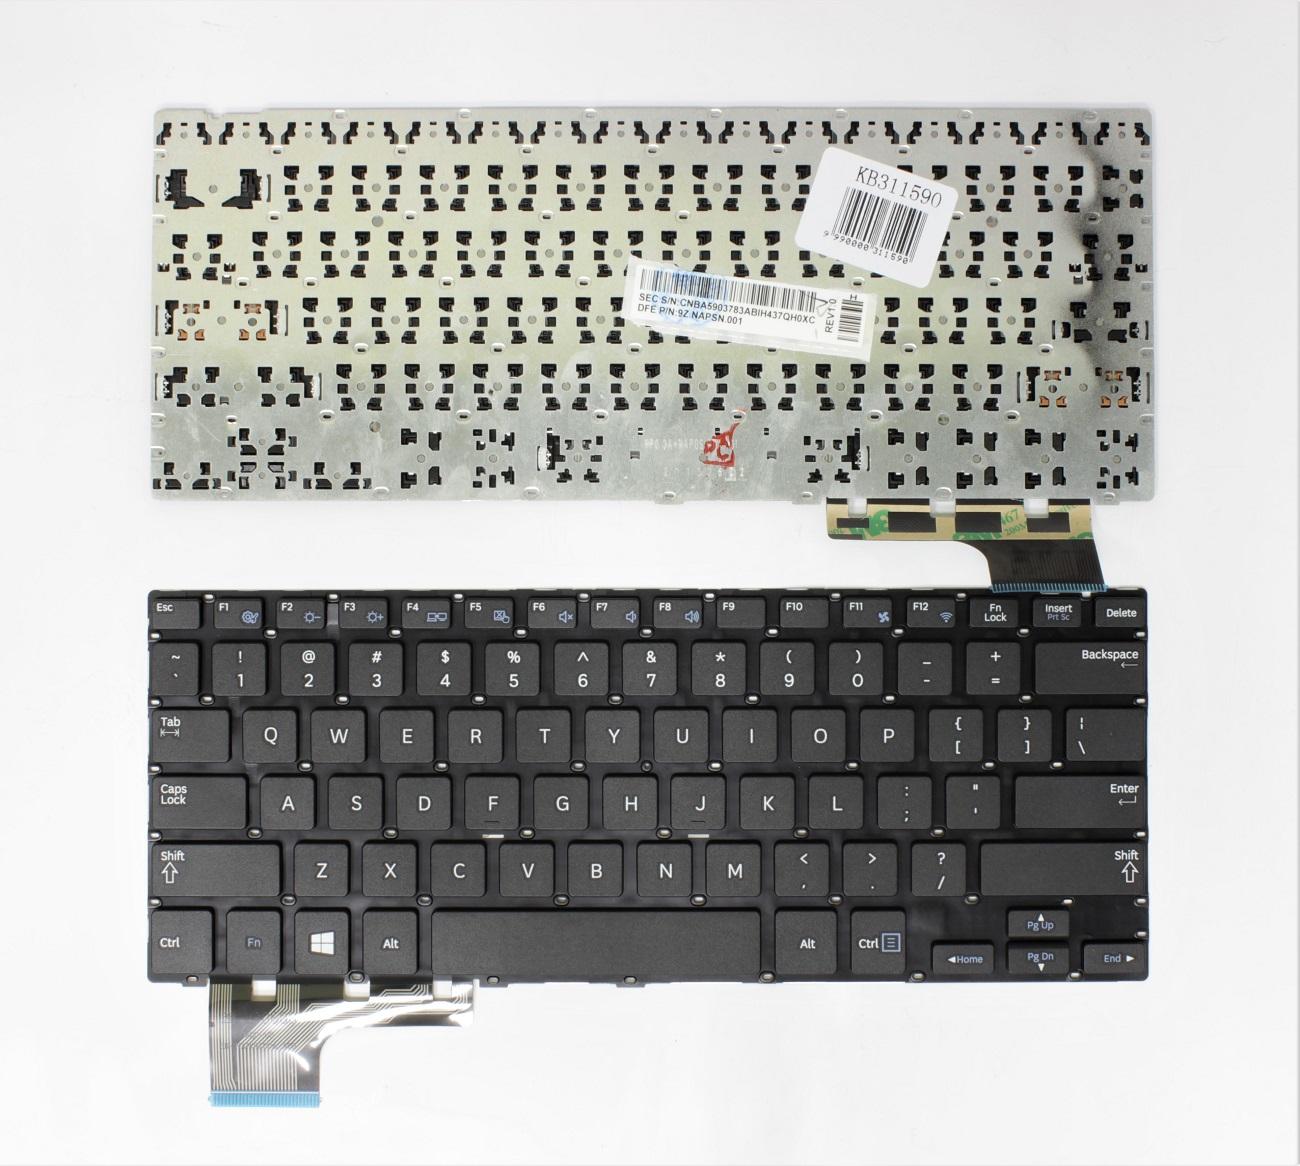 Klaviatūra SAMSUNG: 905S3G, NP905S3G, 910S3G, NP910S3G, 915S3G, NP915S3G